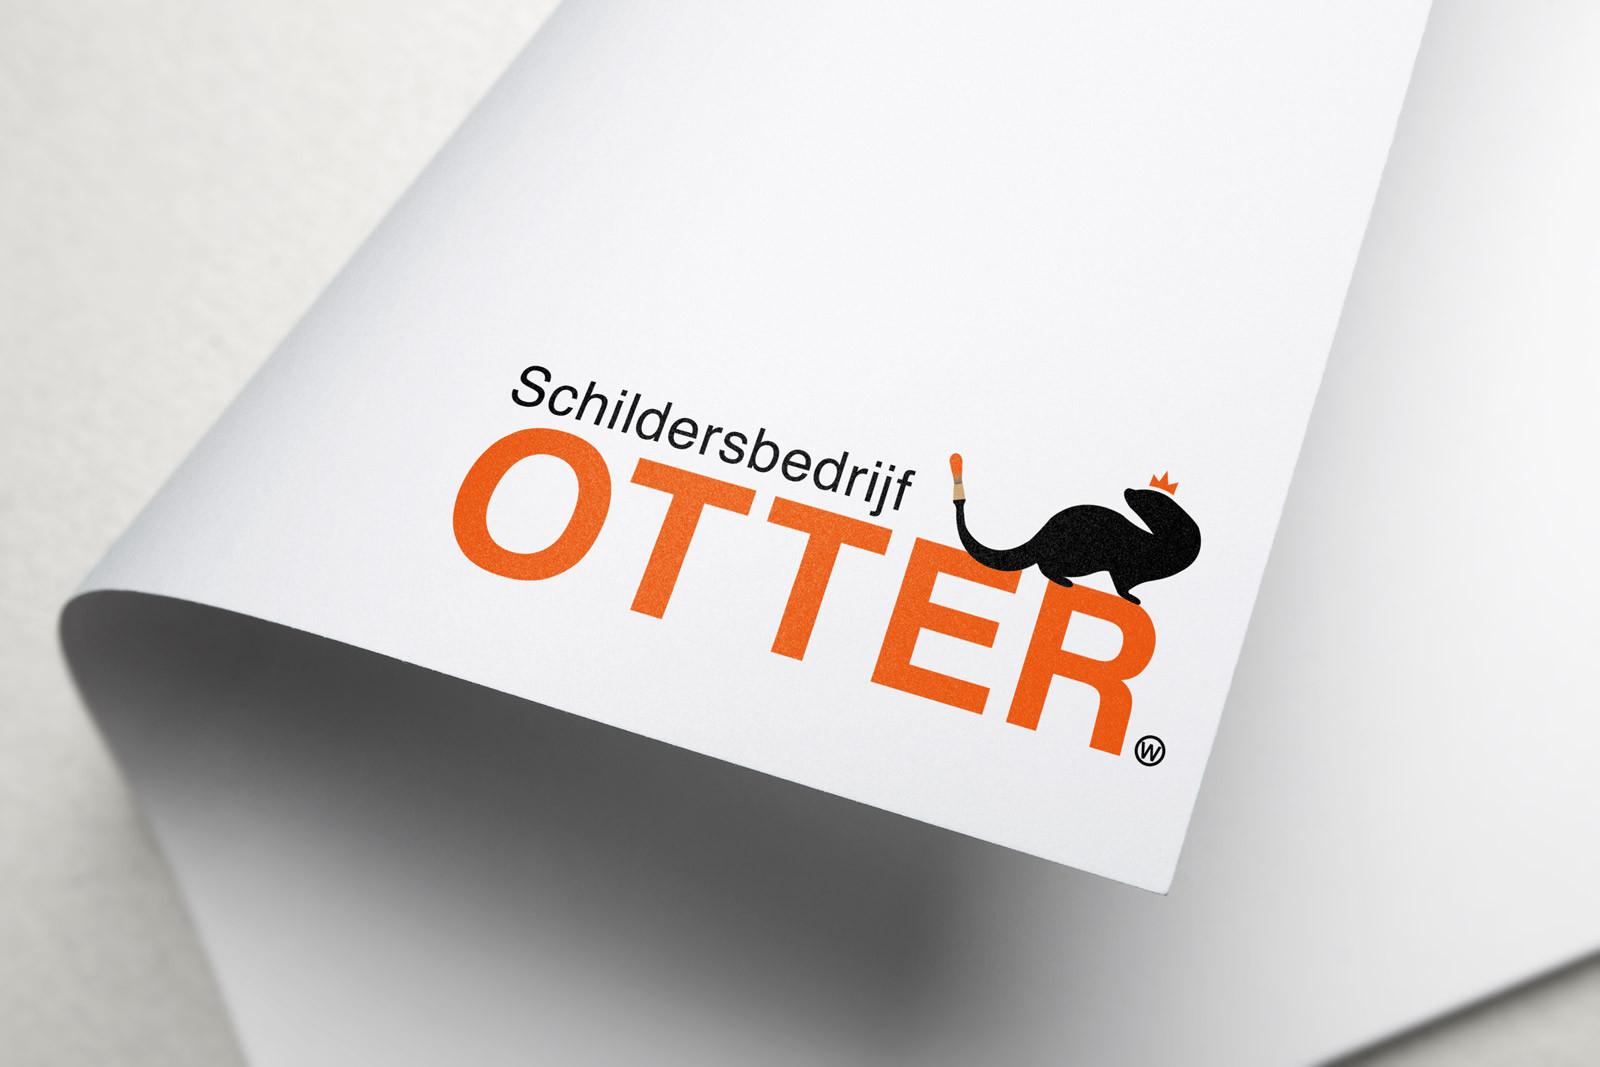 Logo Schiildersbedrijf Otter